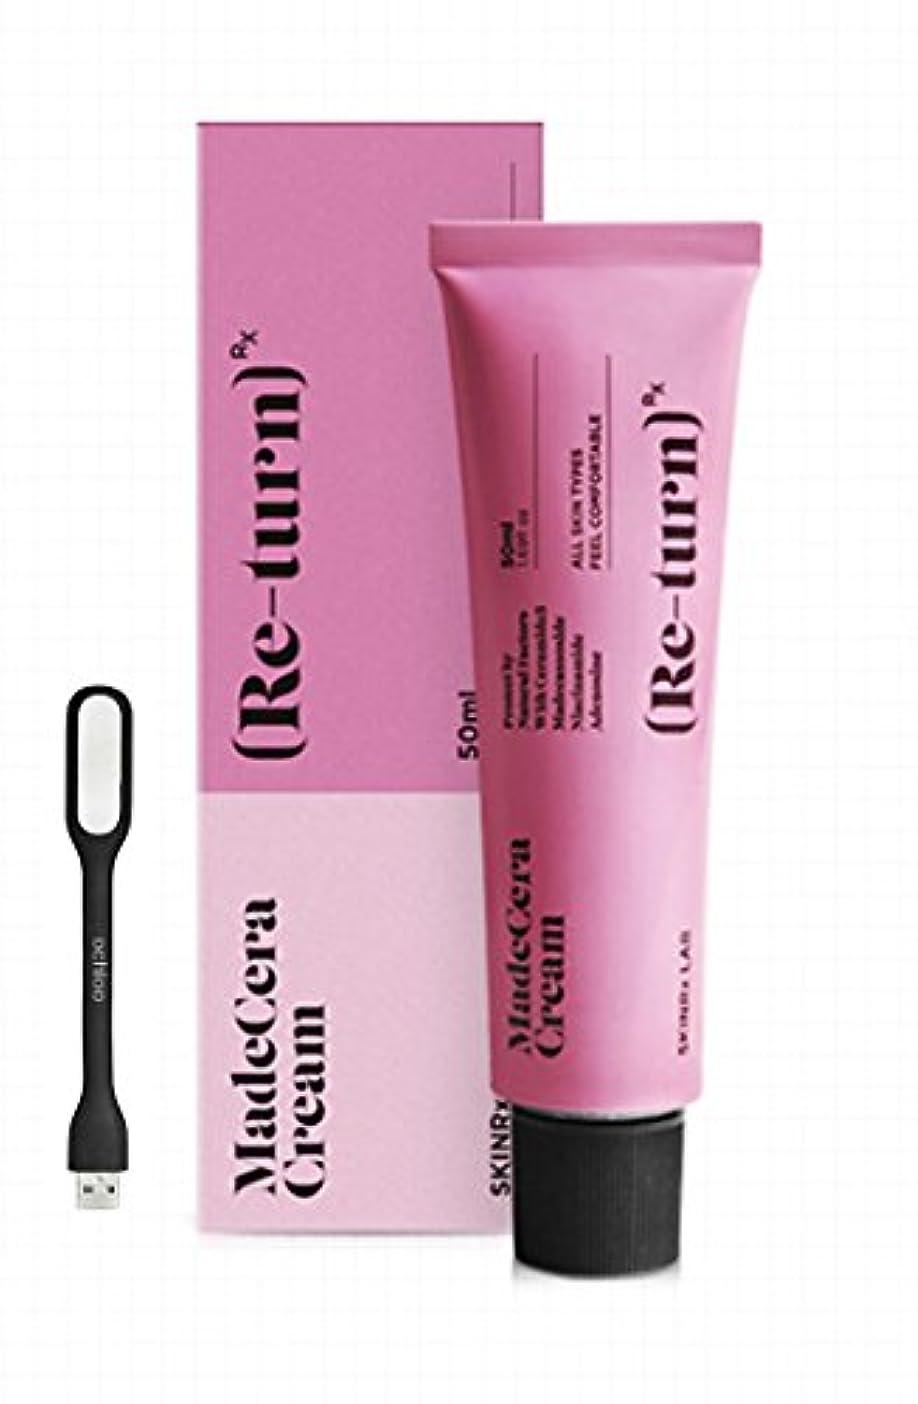 の量回転するキモいスキンアルエクスラップ マデセラ リターン クリーム 50ml / SKINRxLAB MadeCera Re-turn Cream 50ml (1.69oz) Made in Korea Ochloo logo led